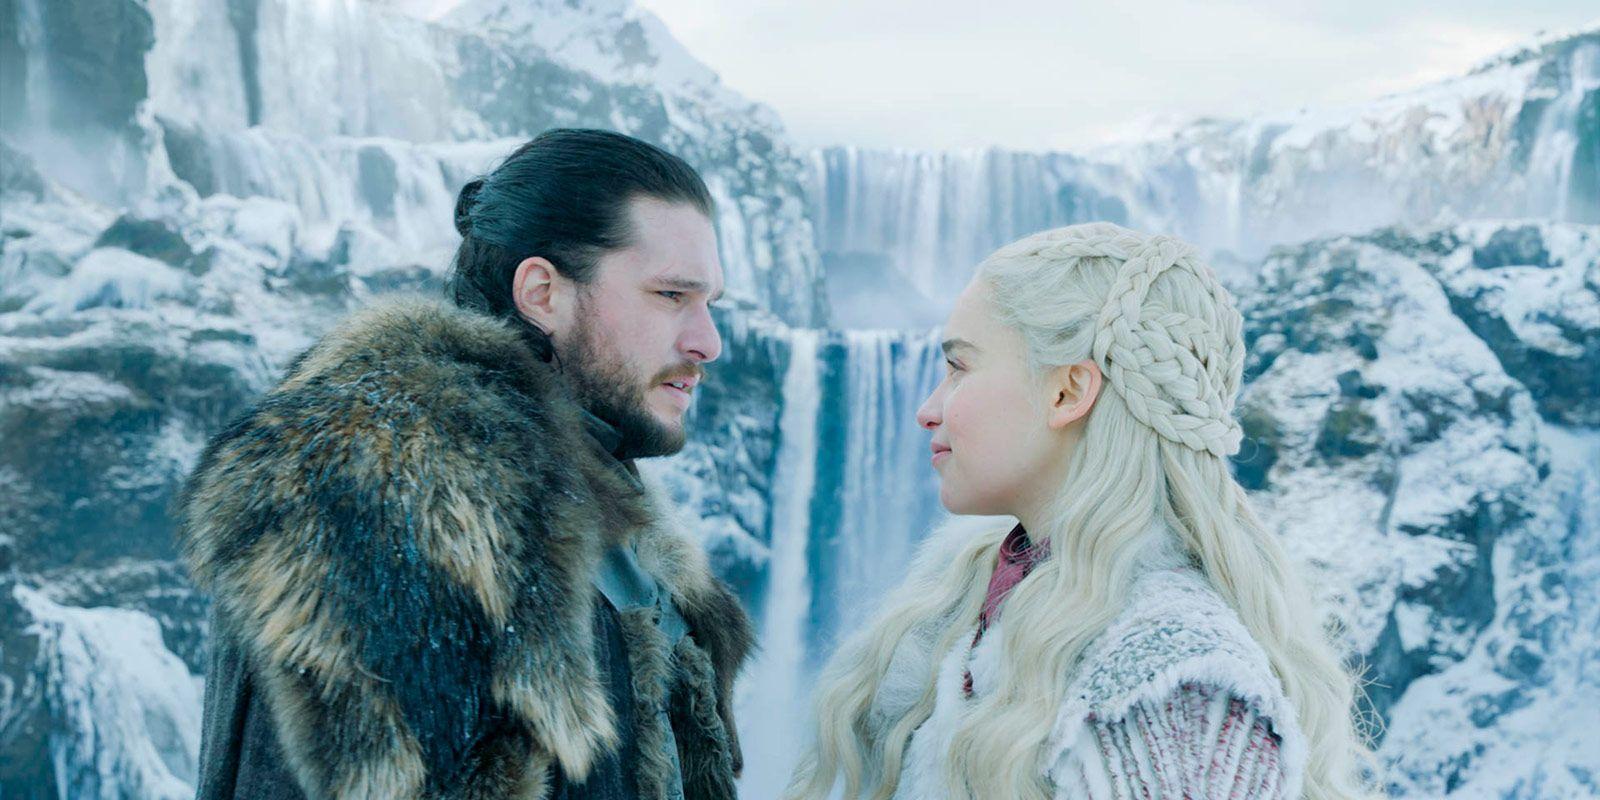 jon snow dragon daenerys